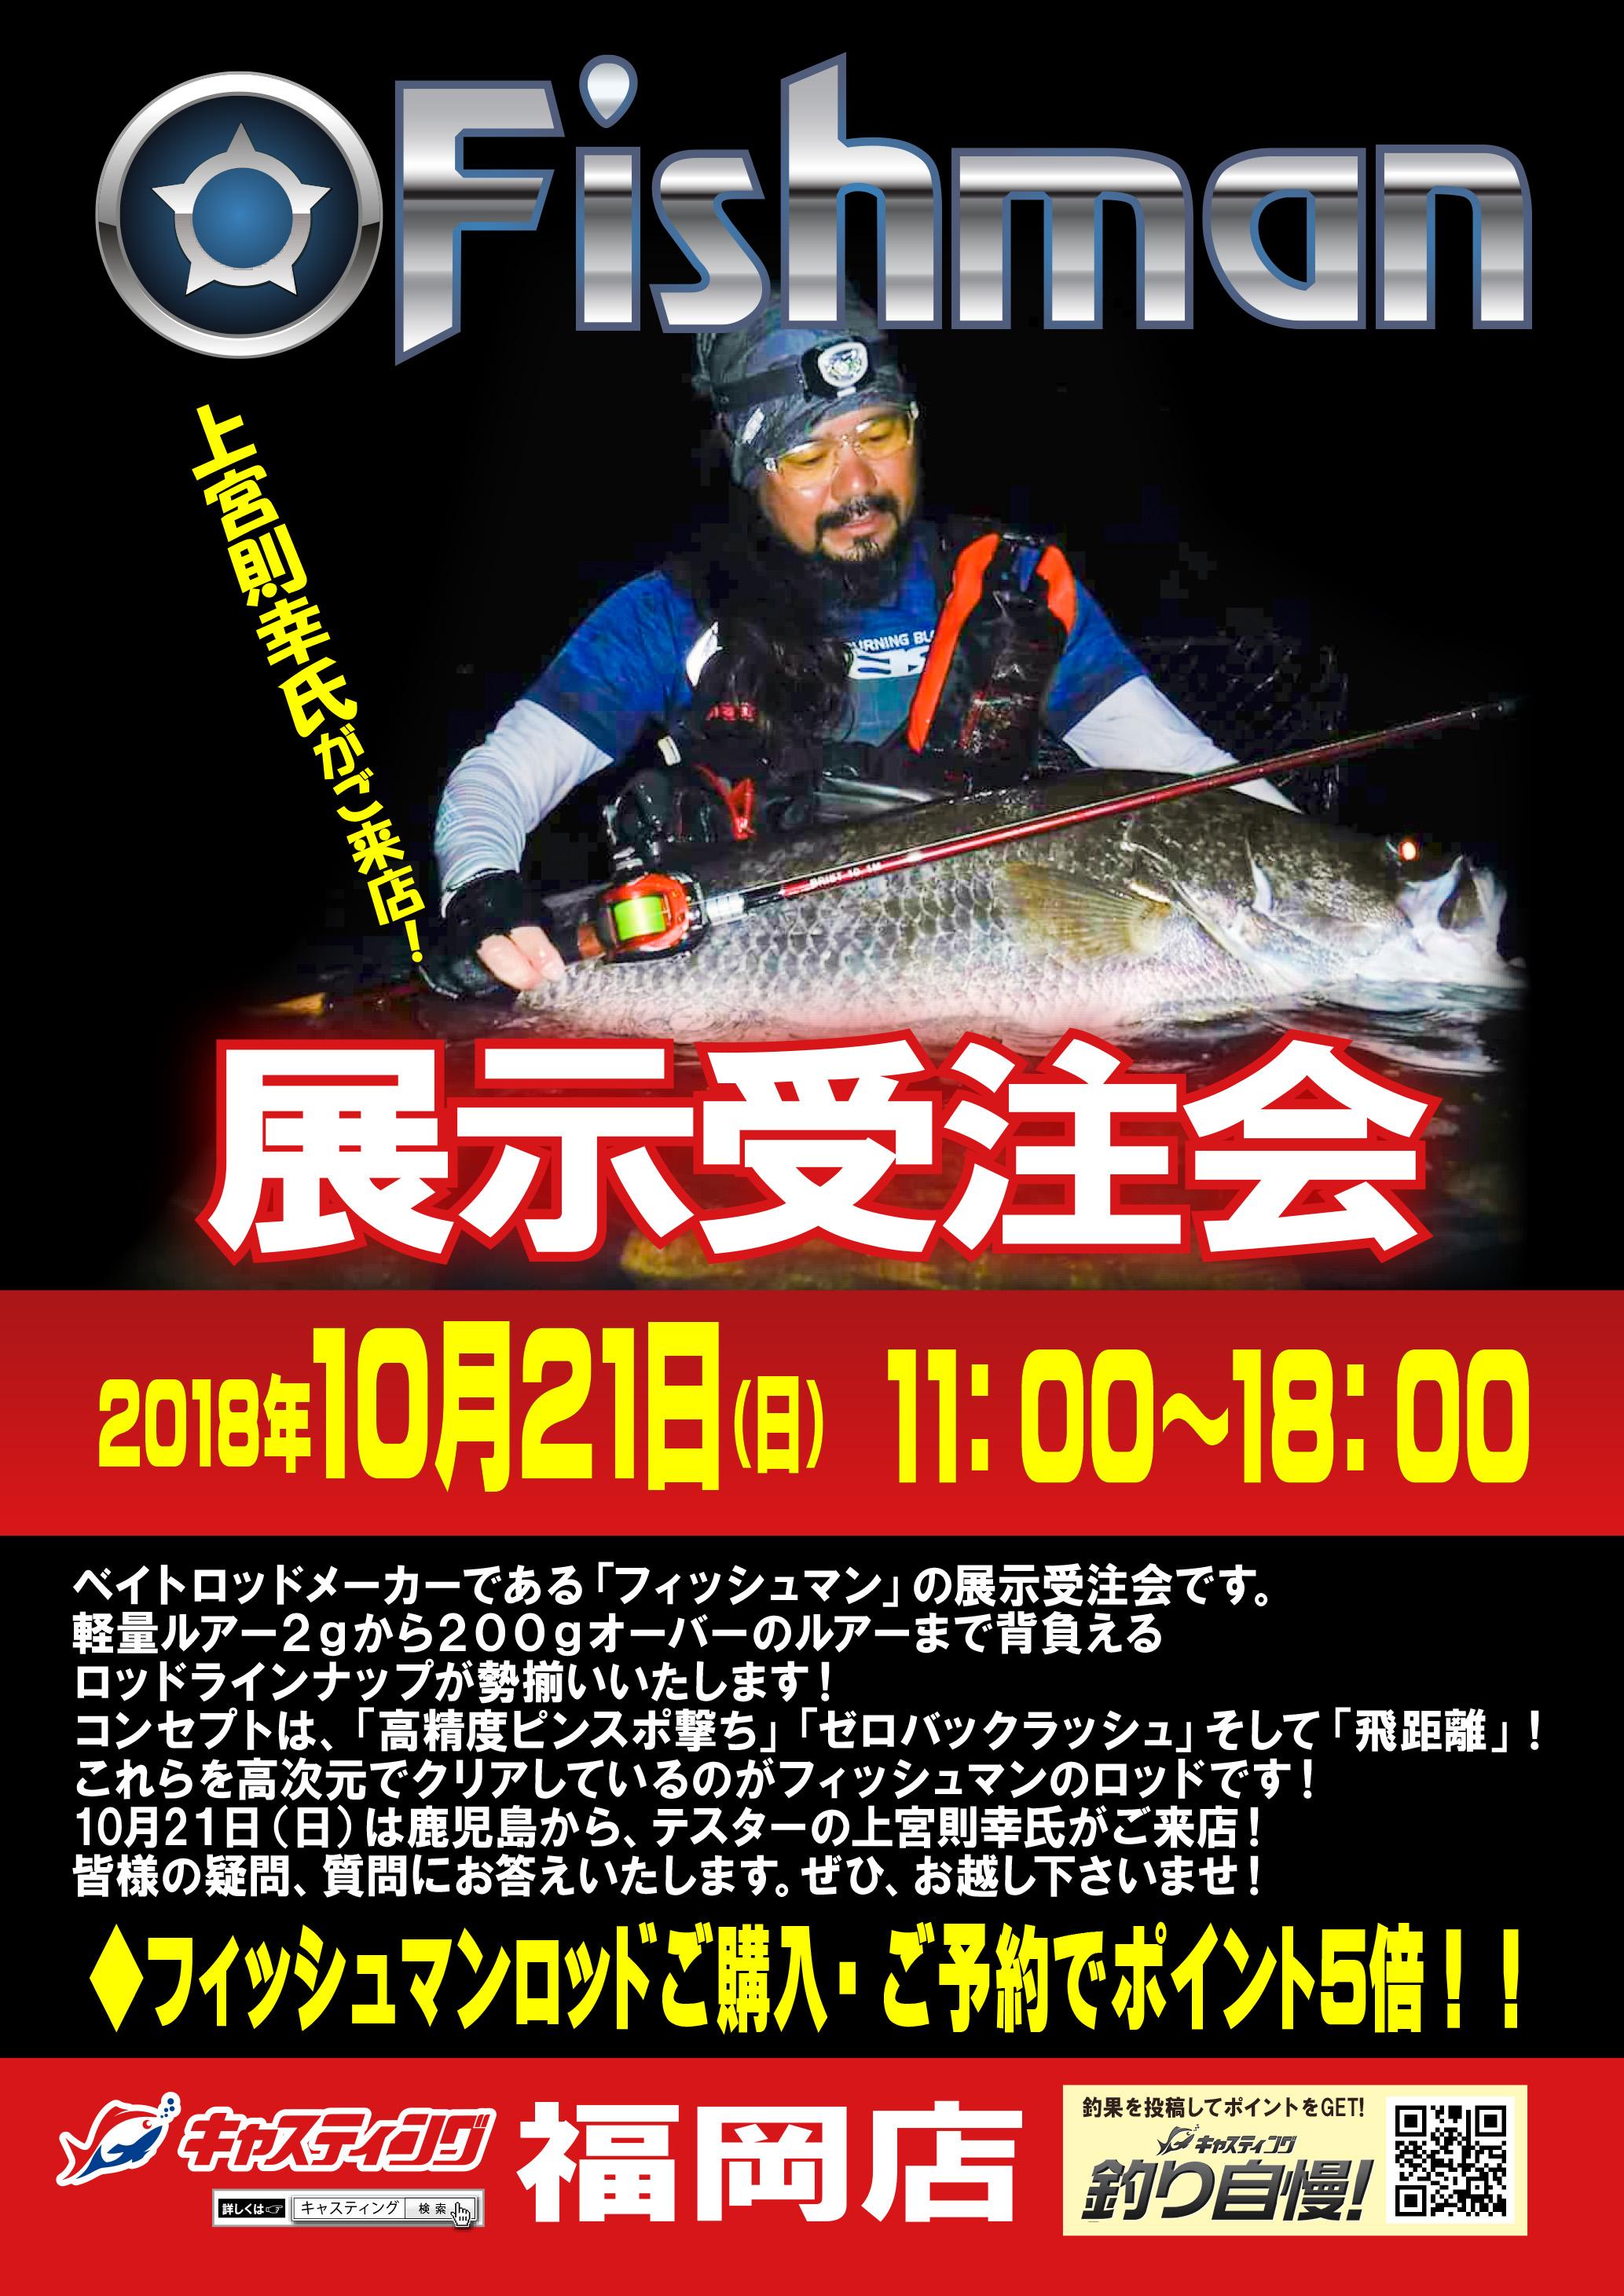 【再告知】10月21日(日)キャスティング福岡店様にてFishman展示受注会を開催致します。